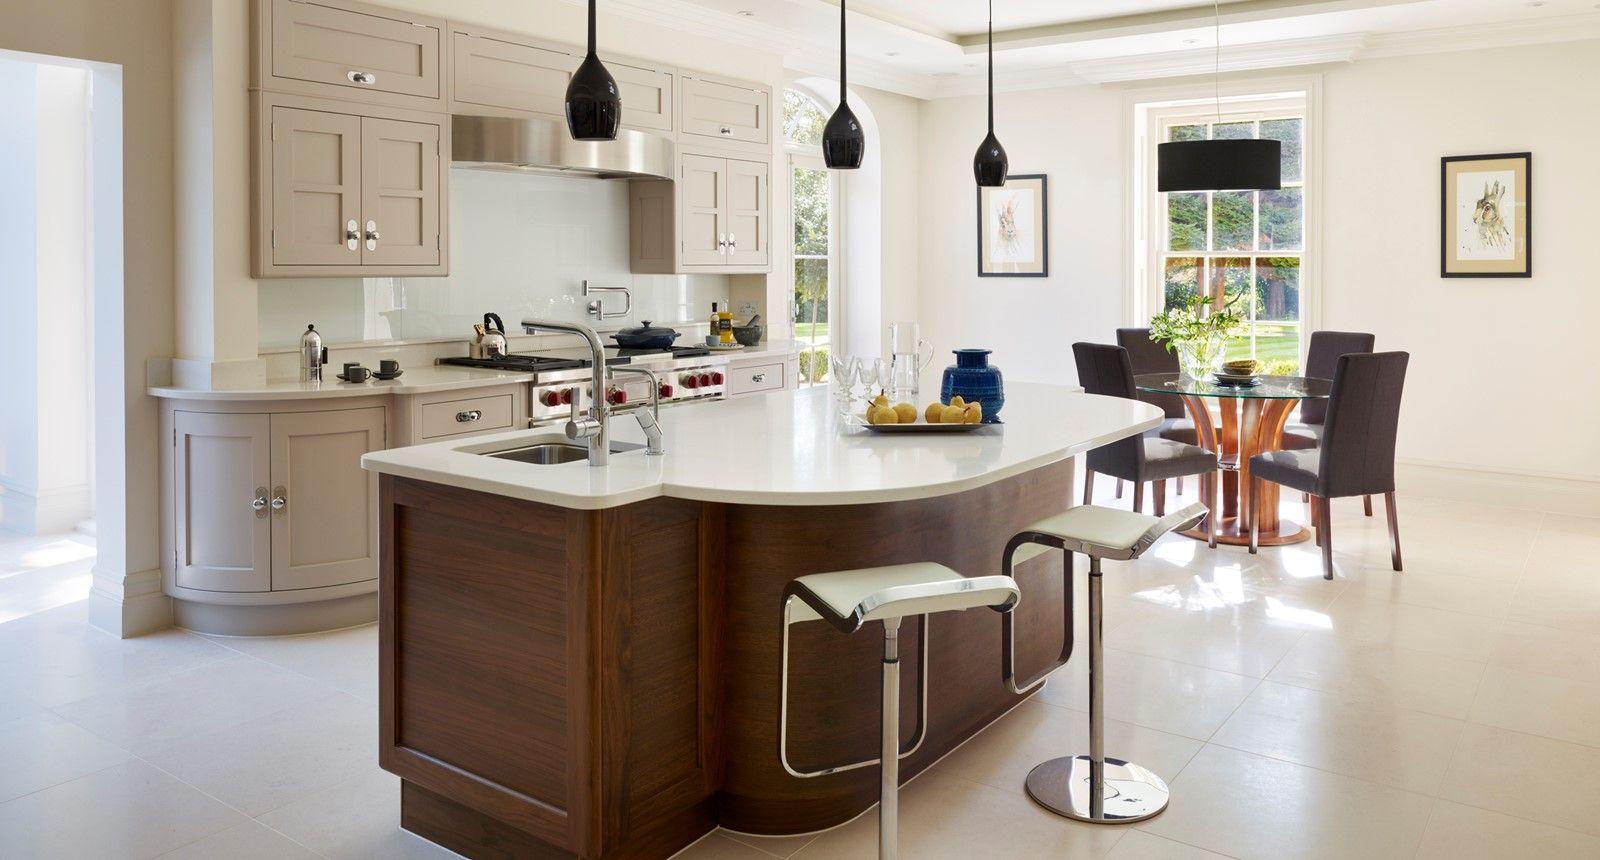 wwwmartinmoore  stone flooring kitchen flooring